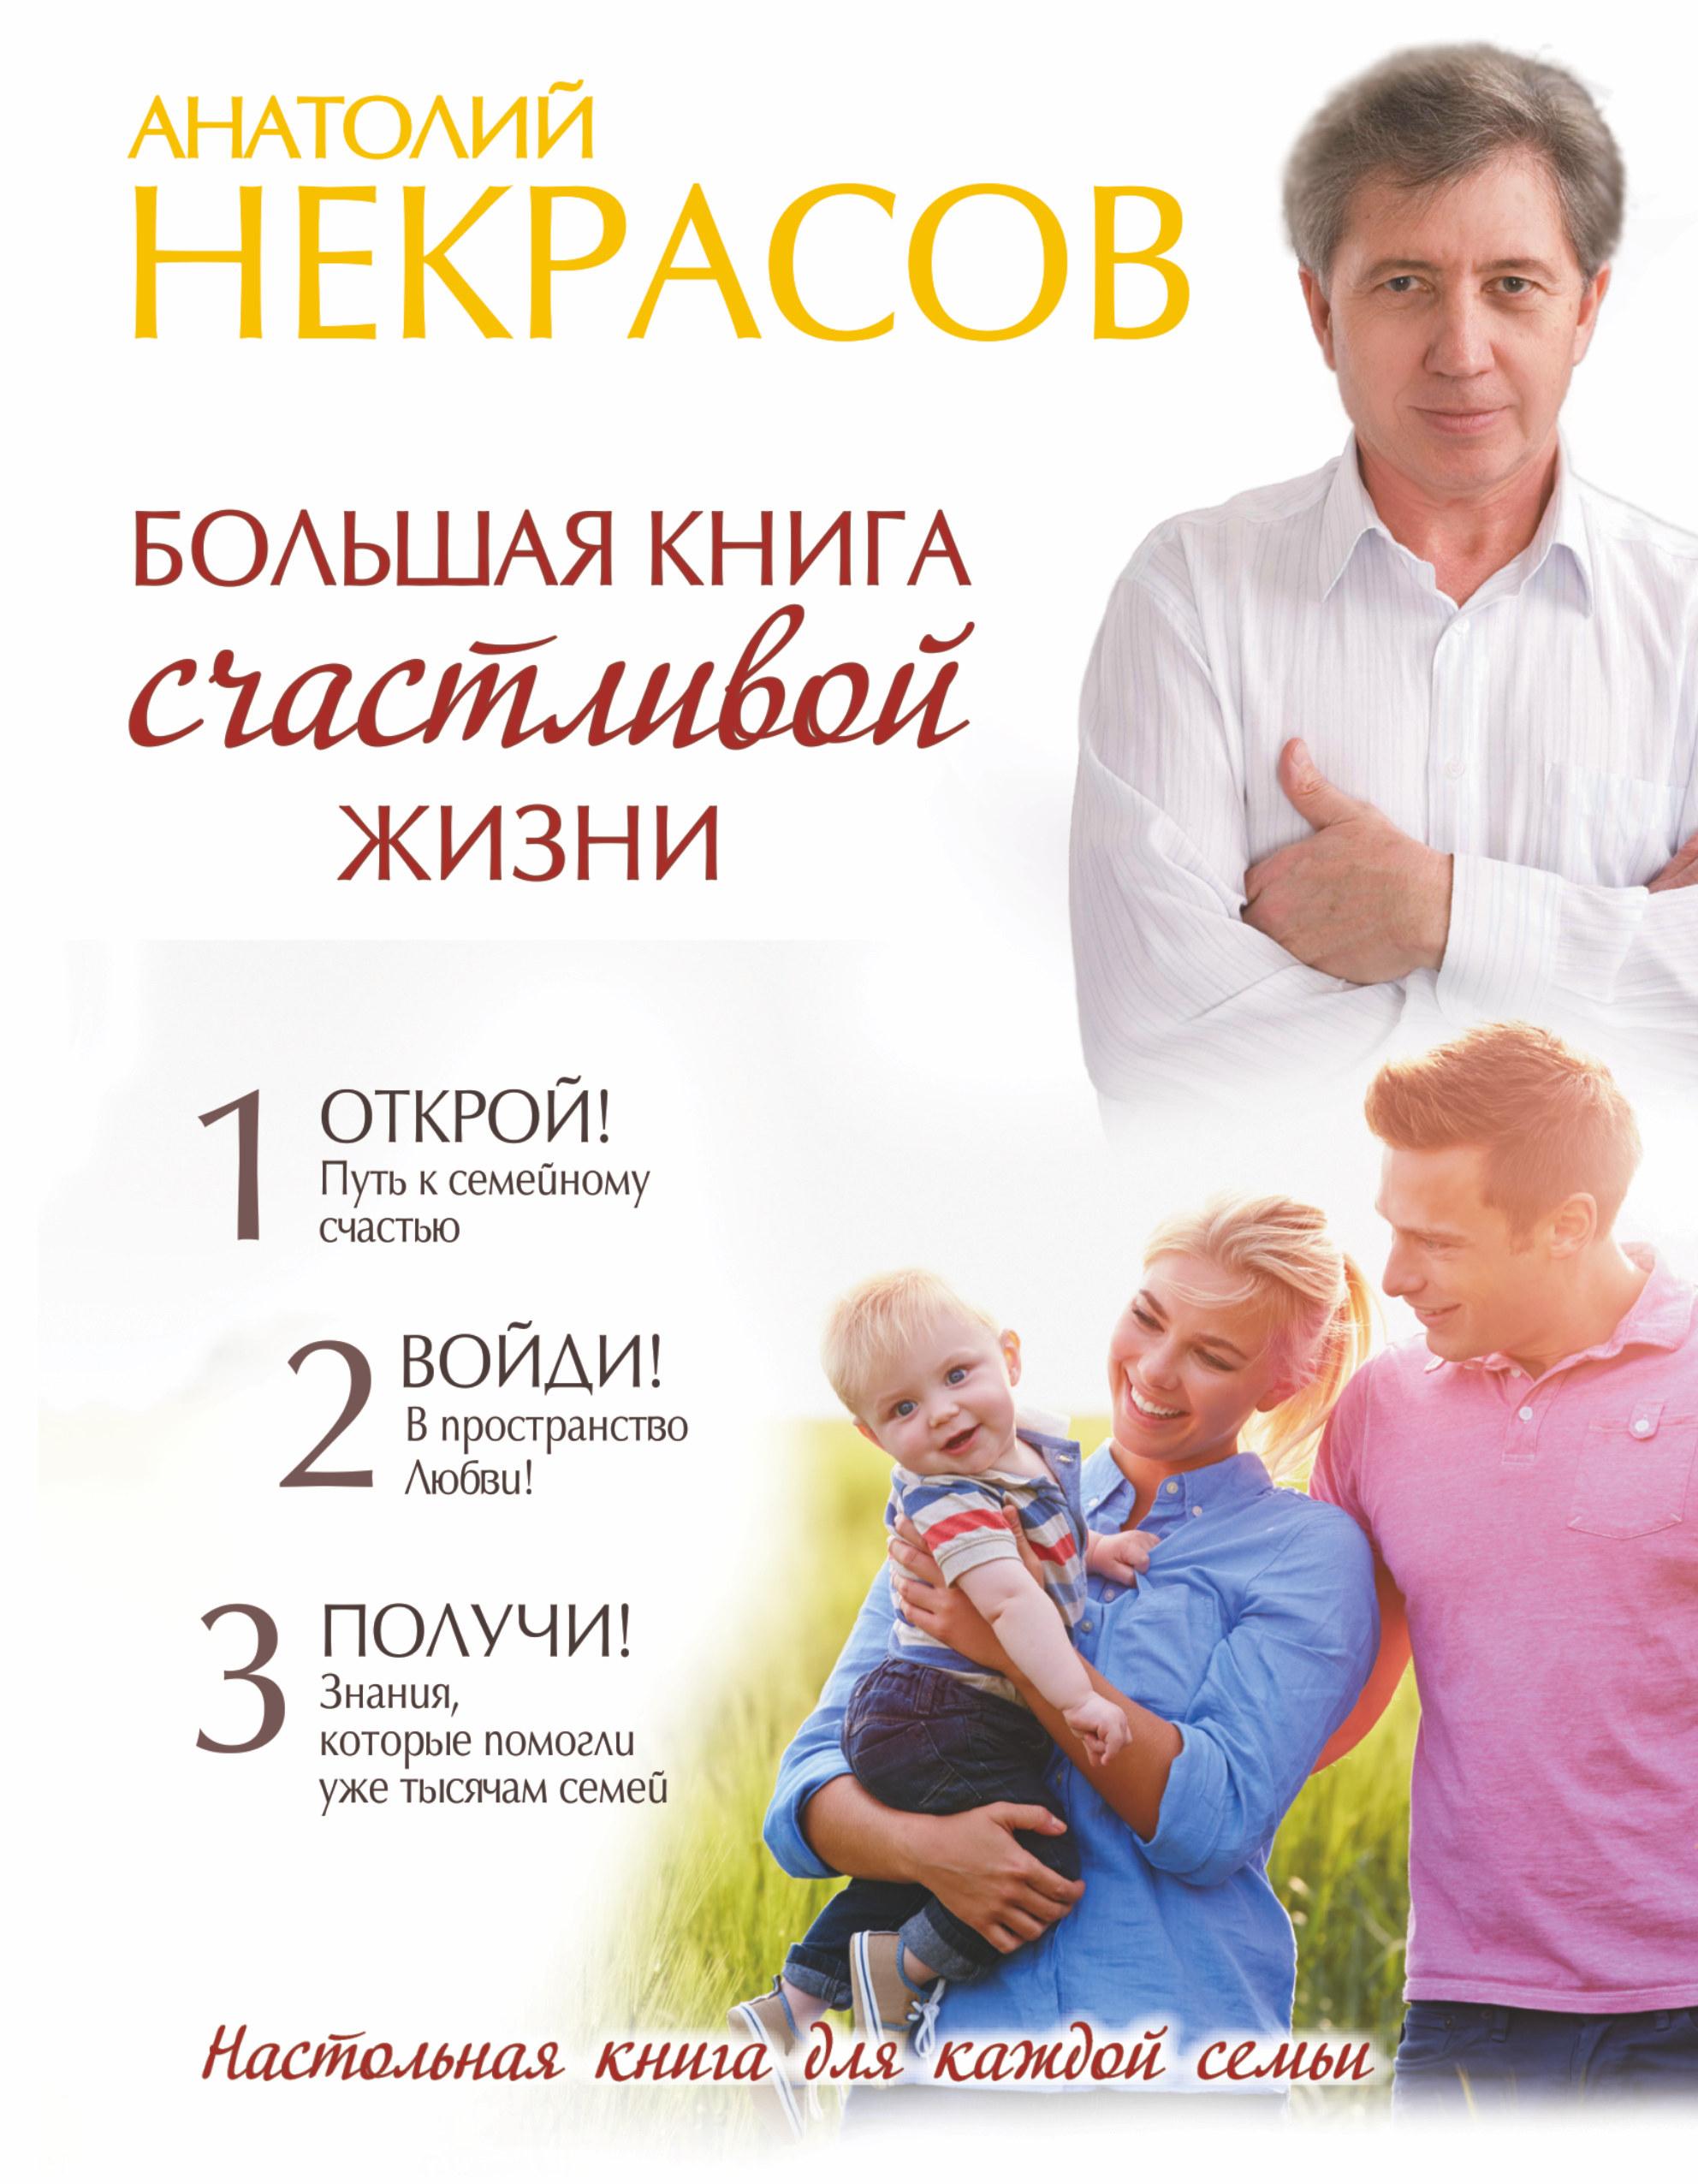 Некрасов А.А. Большая книга счастливой жизни